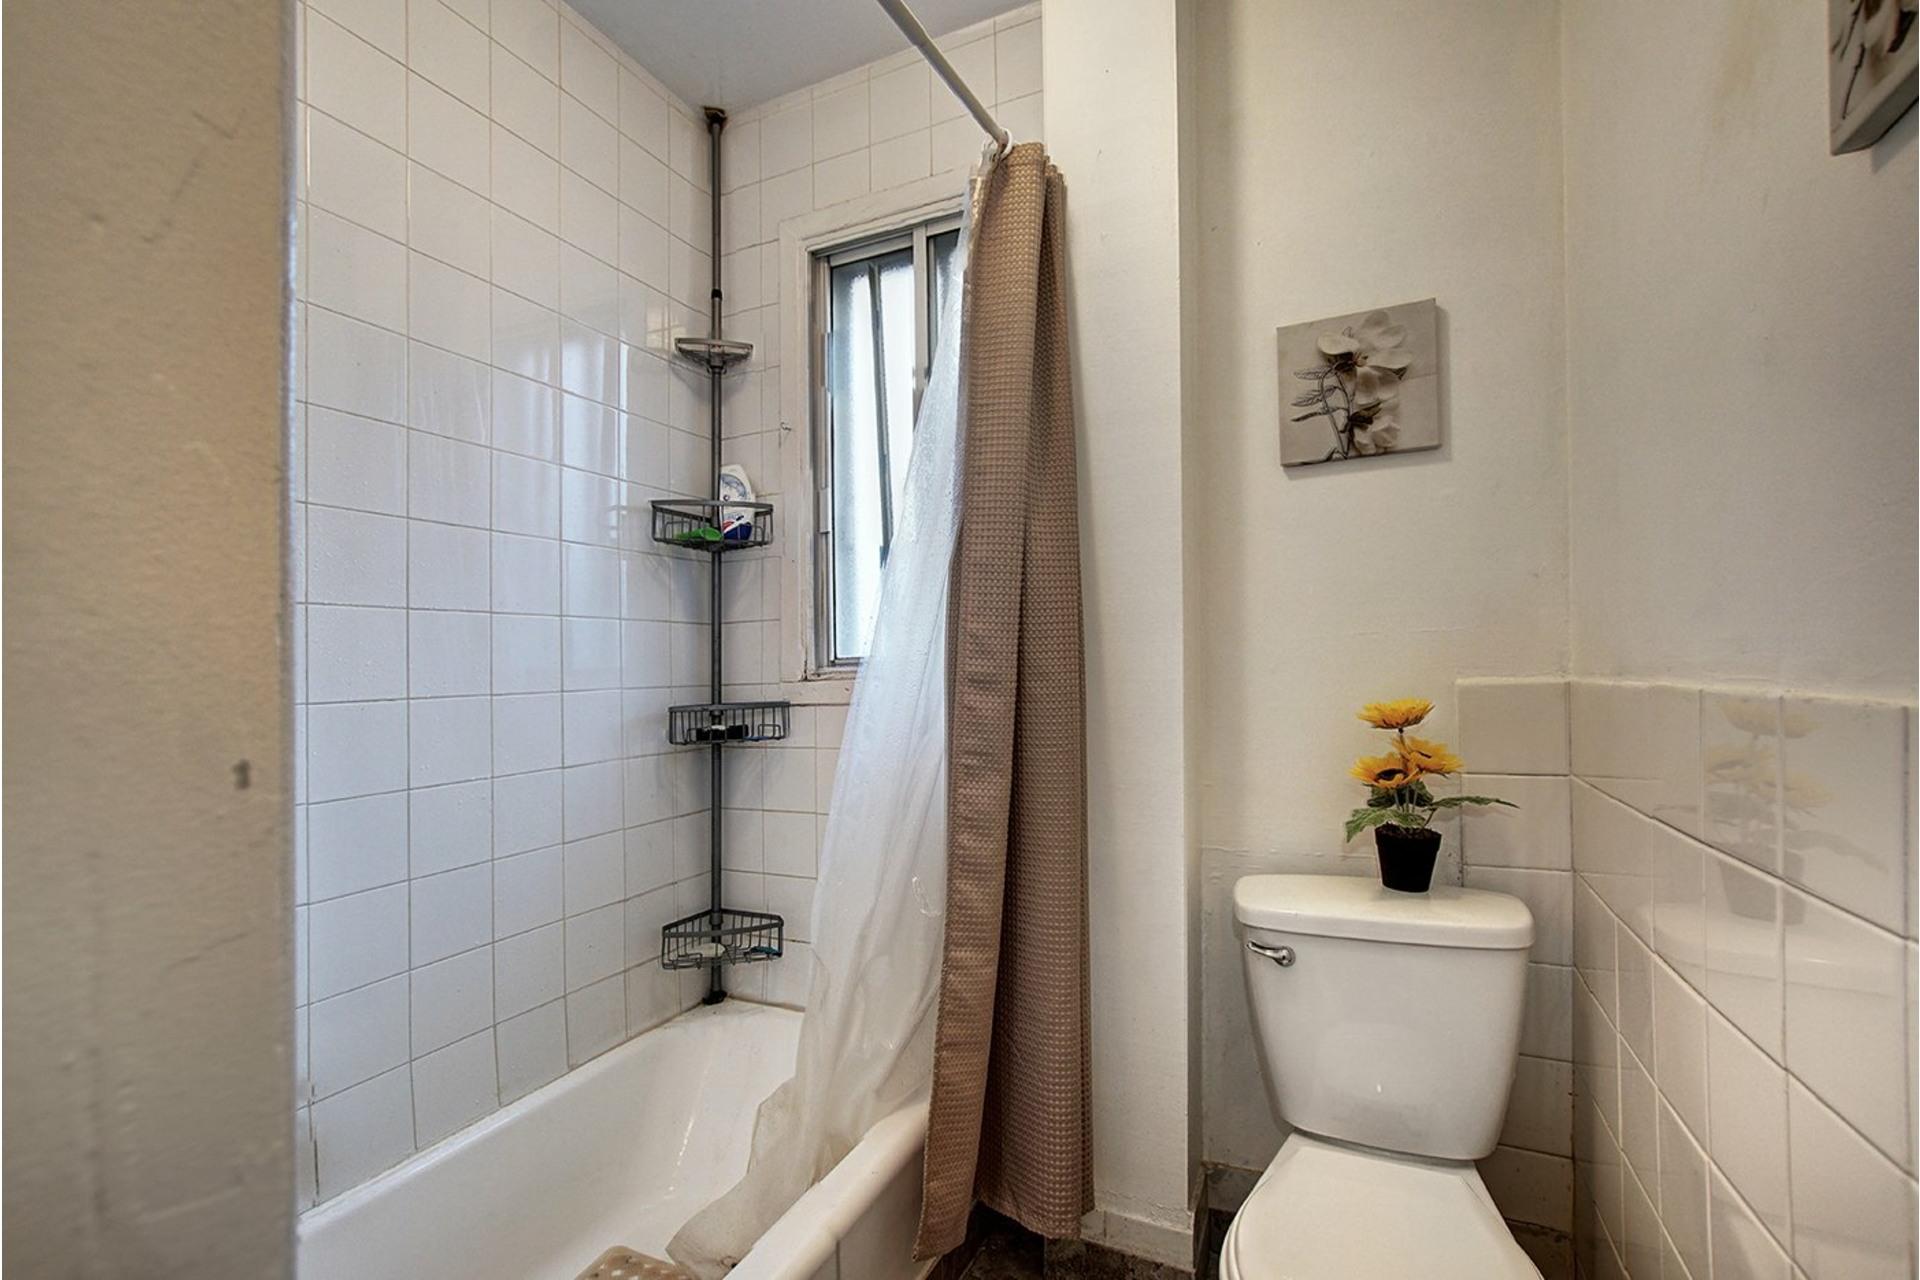 image 10 - Duplex For sale Rivière-des-Prairies/Pointe-aux-Trembles Montréal  - 4 rooms